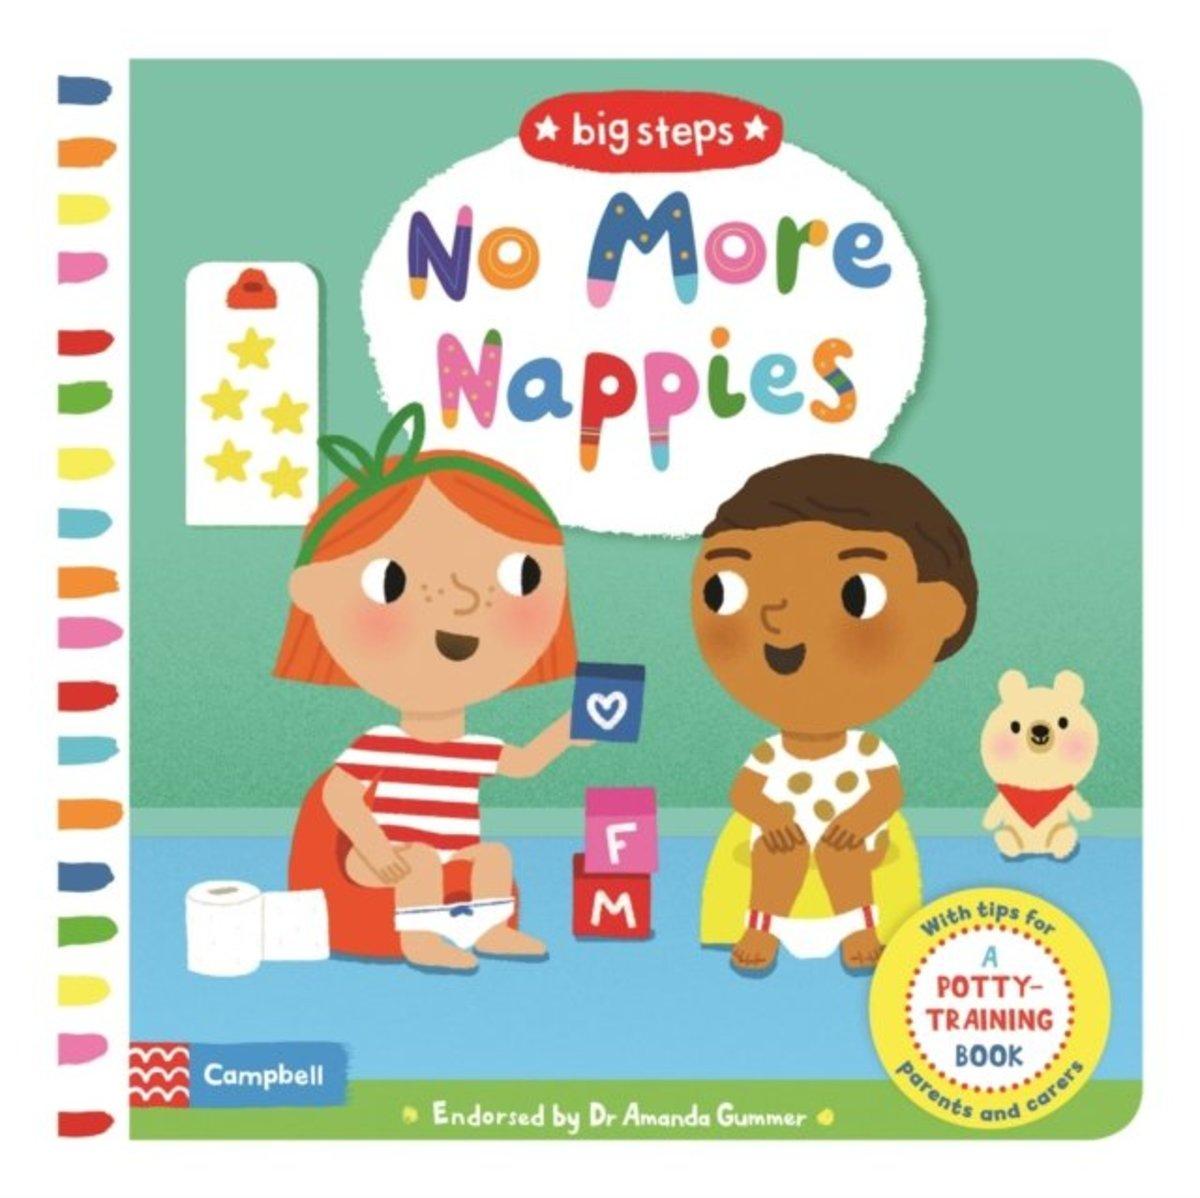 Big Steps: No More Nappies